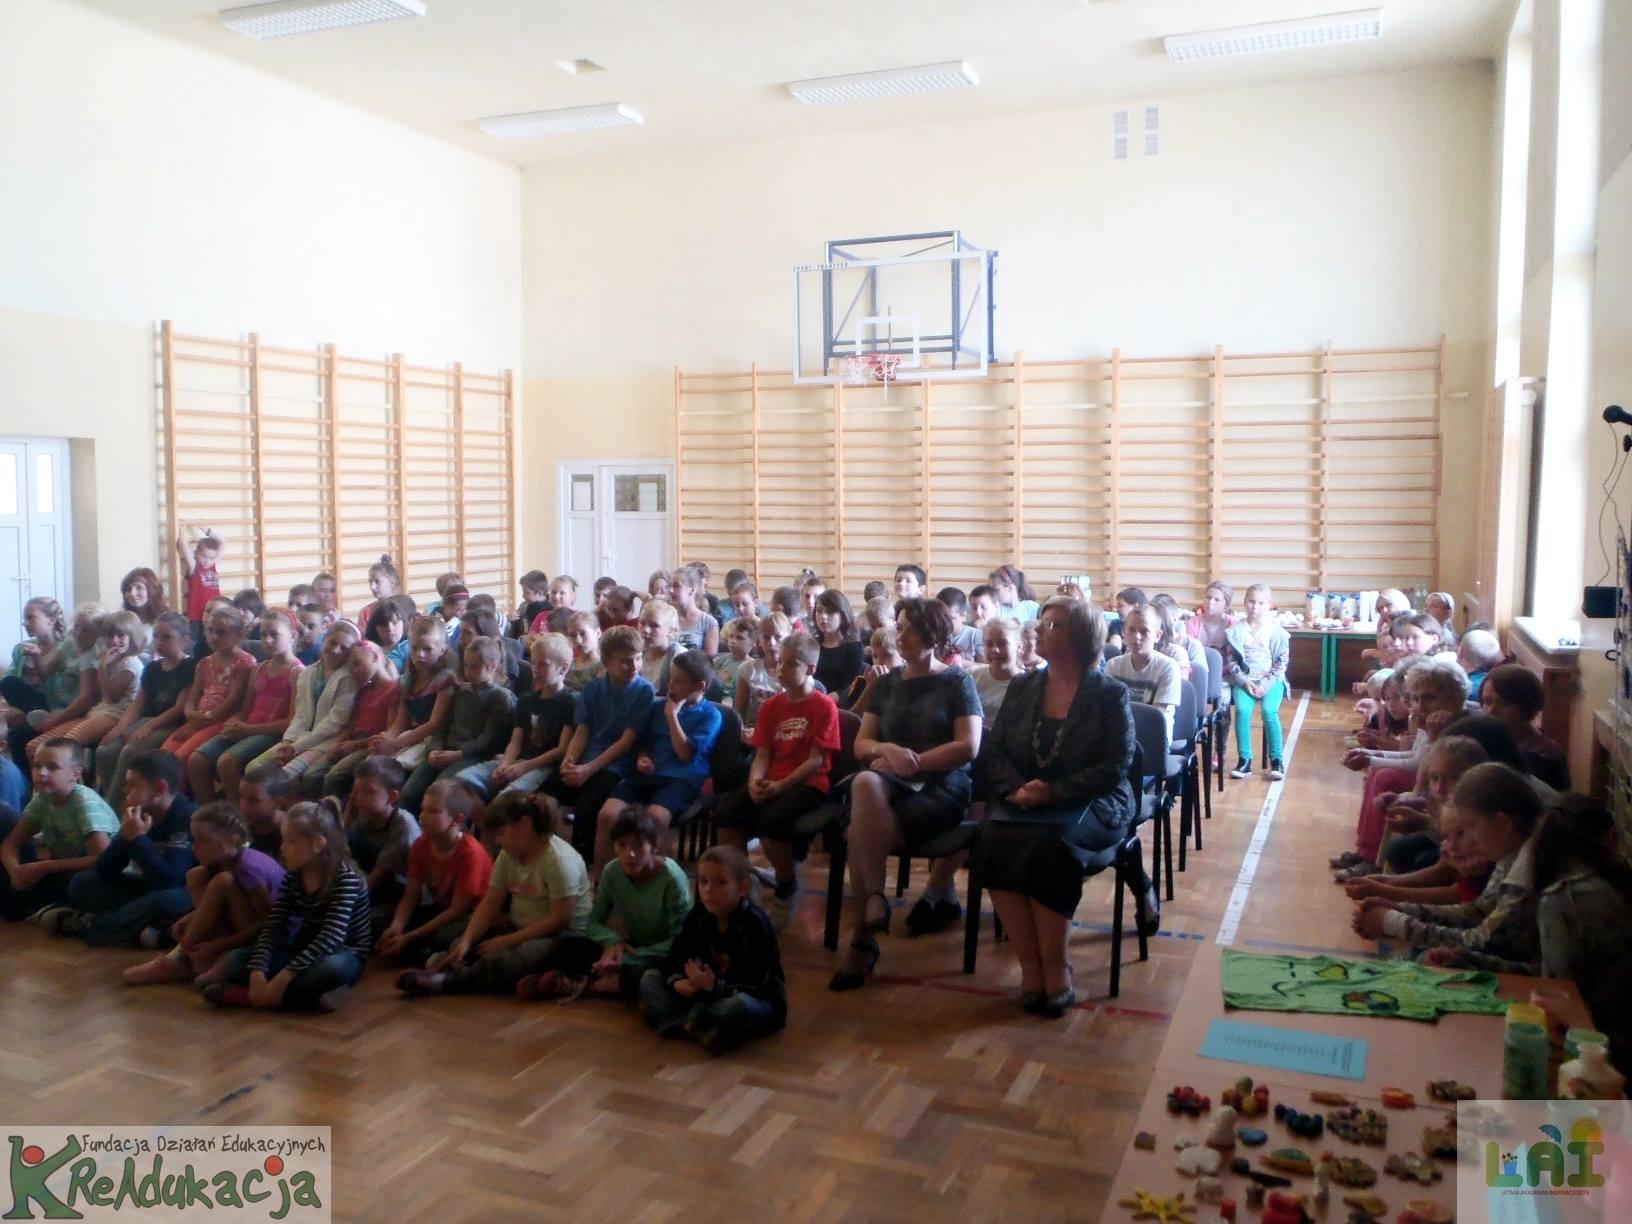 Letnia Akademia Inspiracji 2013 | Fundacja KReAdukacja | Lato w Lublinie 2013 | Lato w Mieście 2013